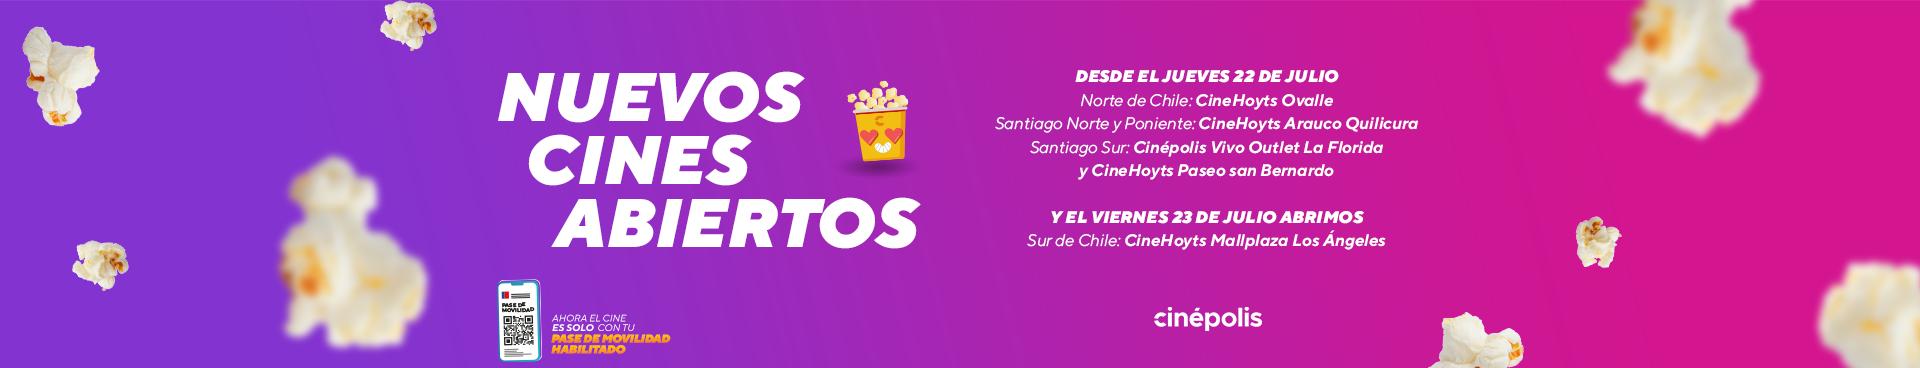 Cines abiertos